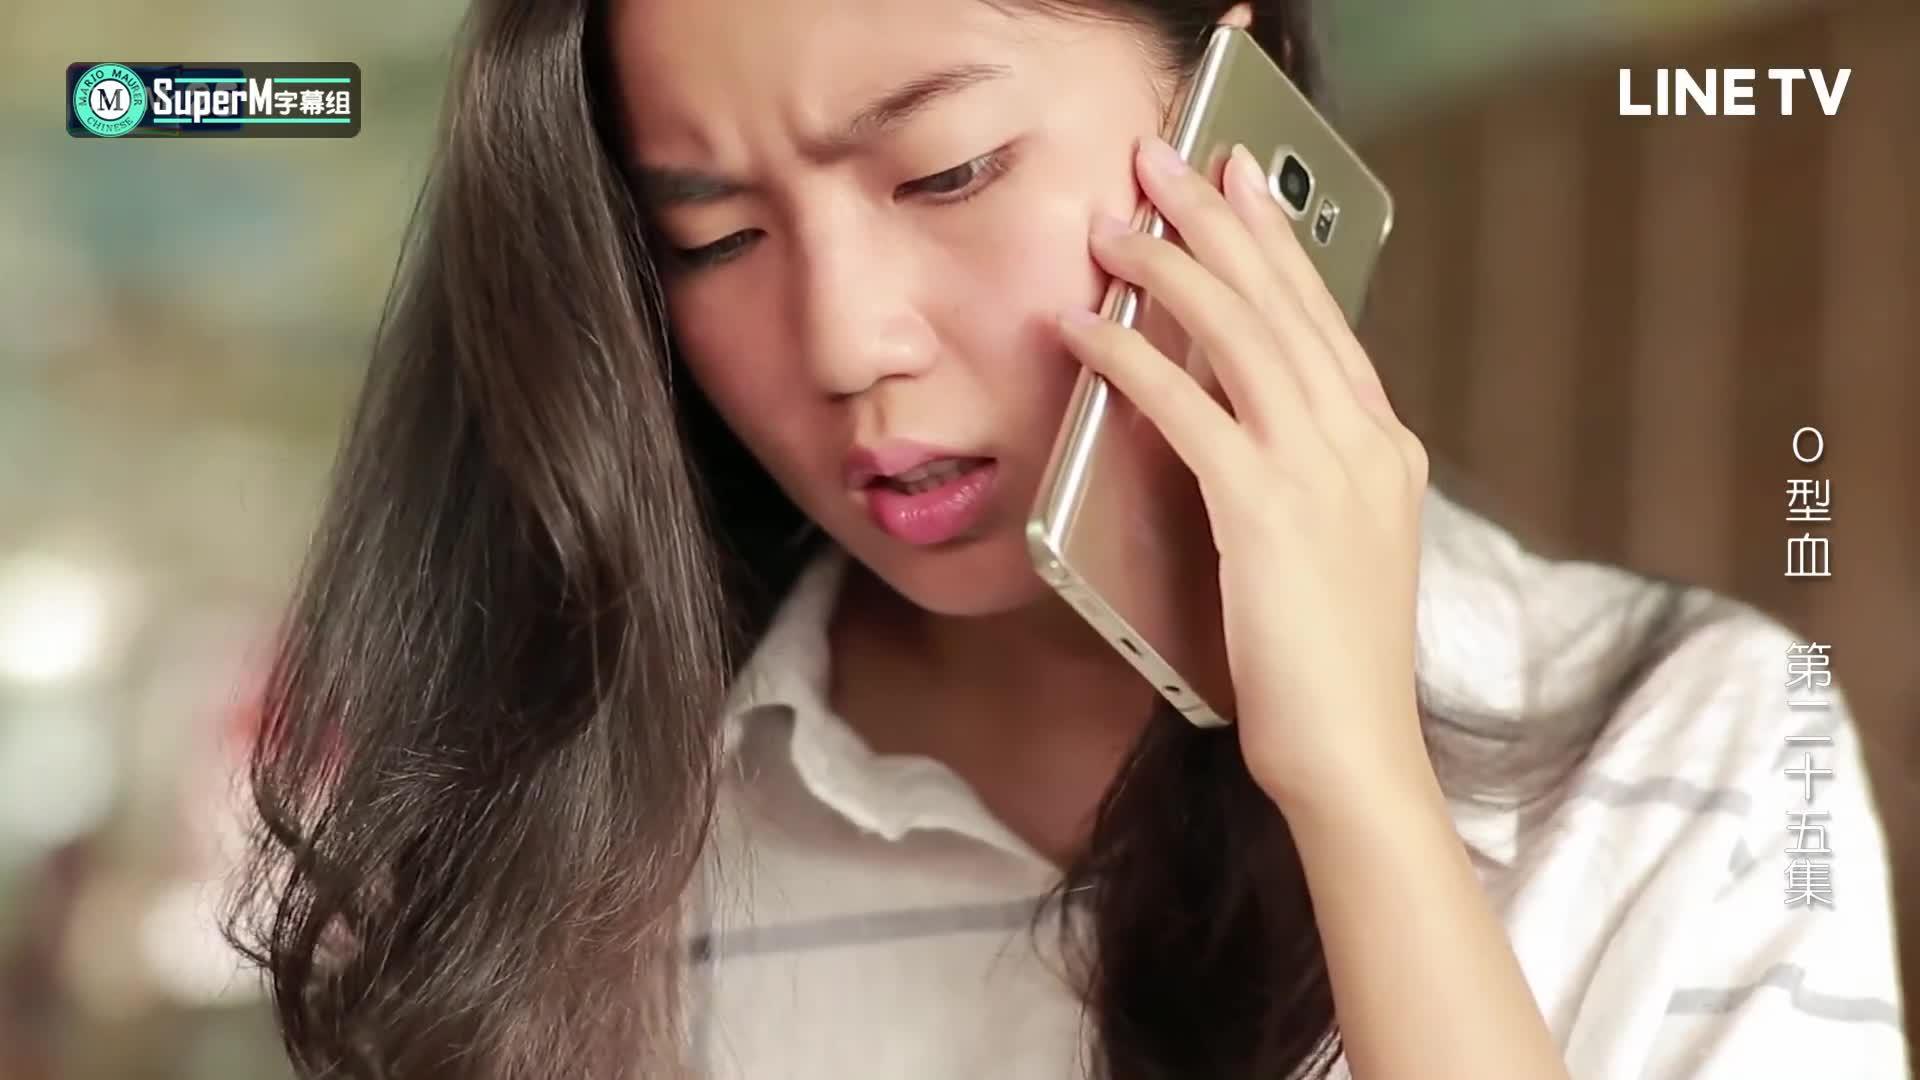 昨天 晚上发生什么事情,打电话你也不接。